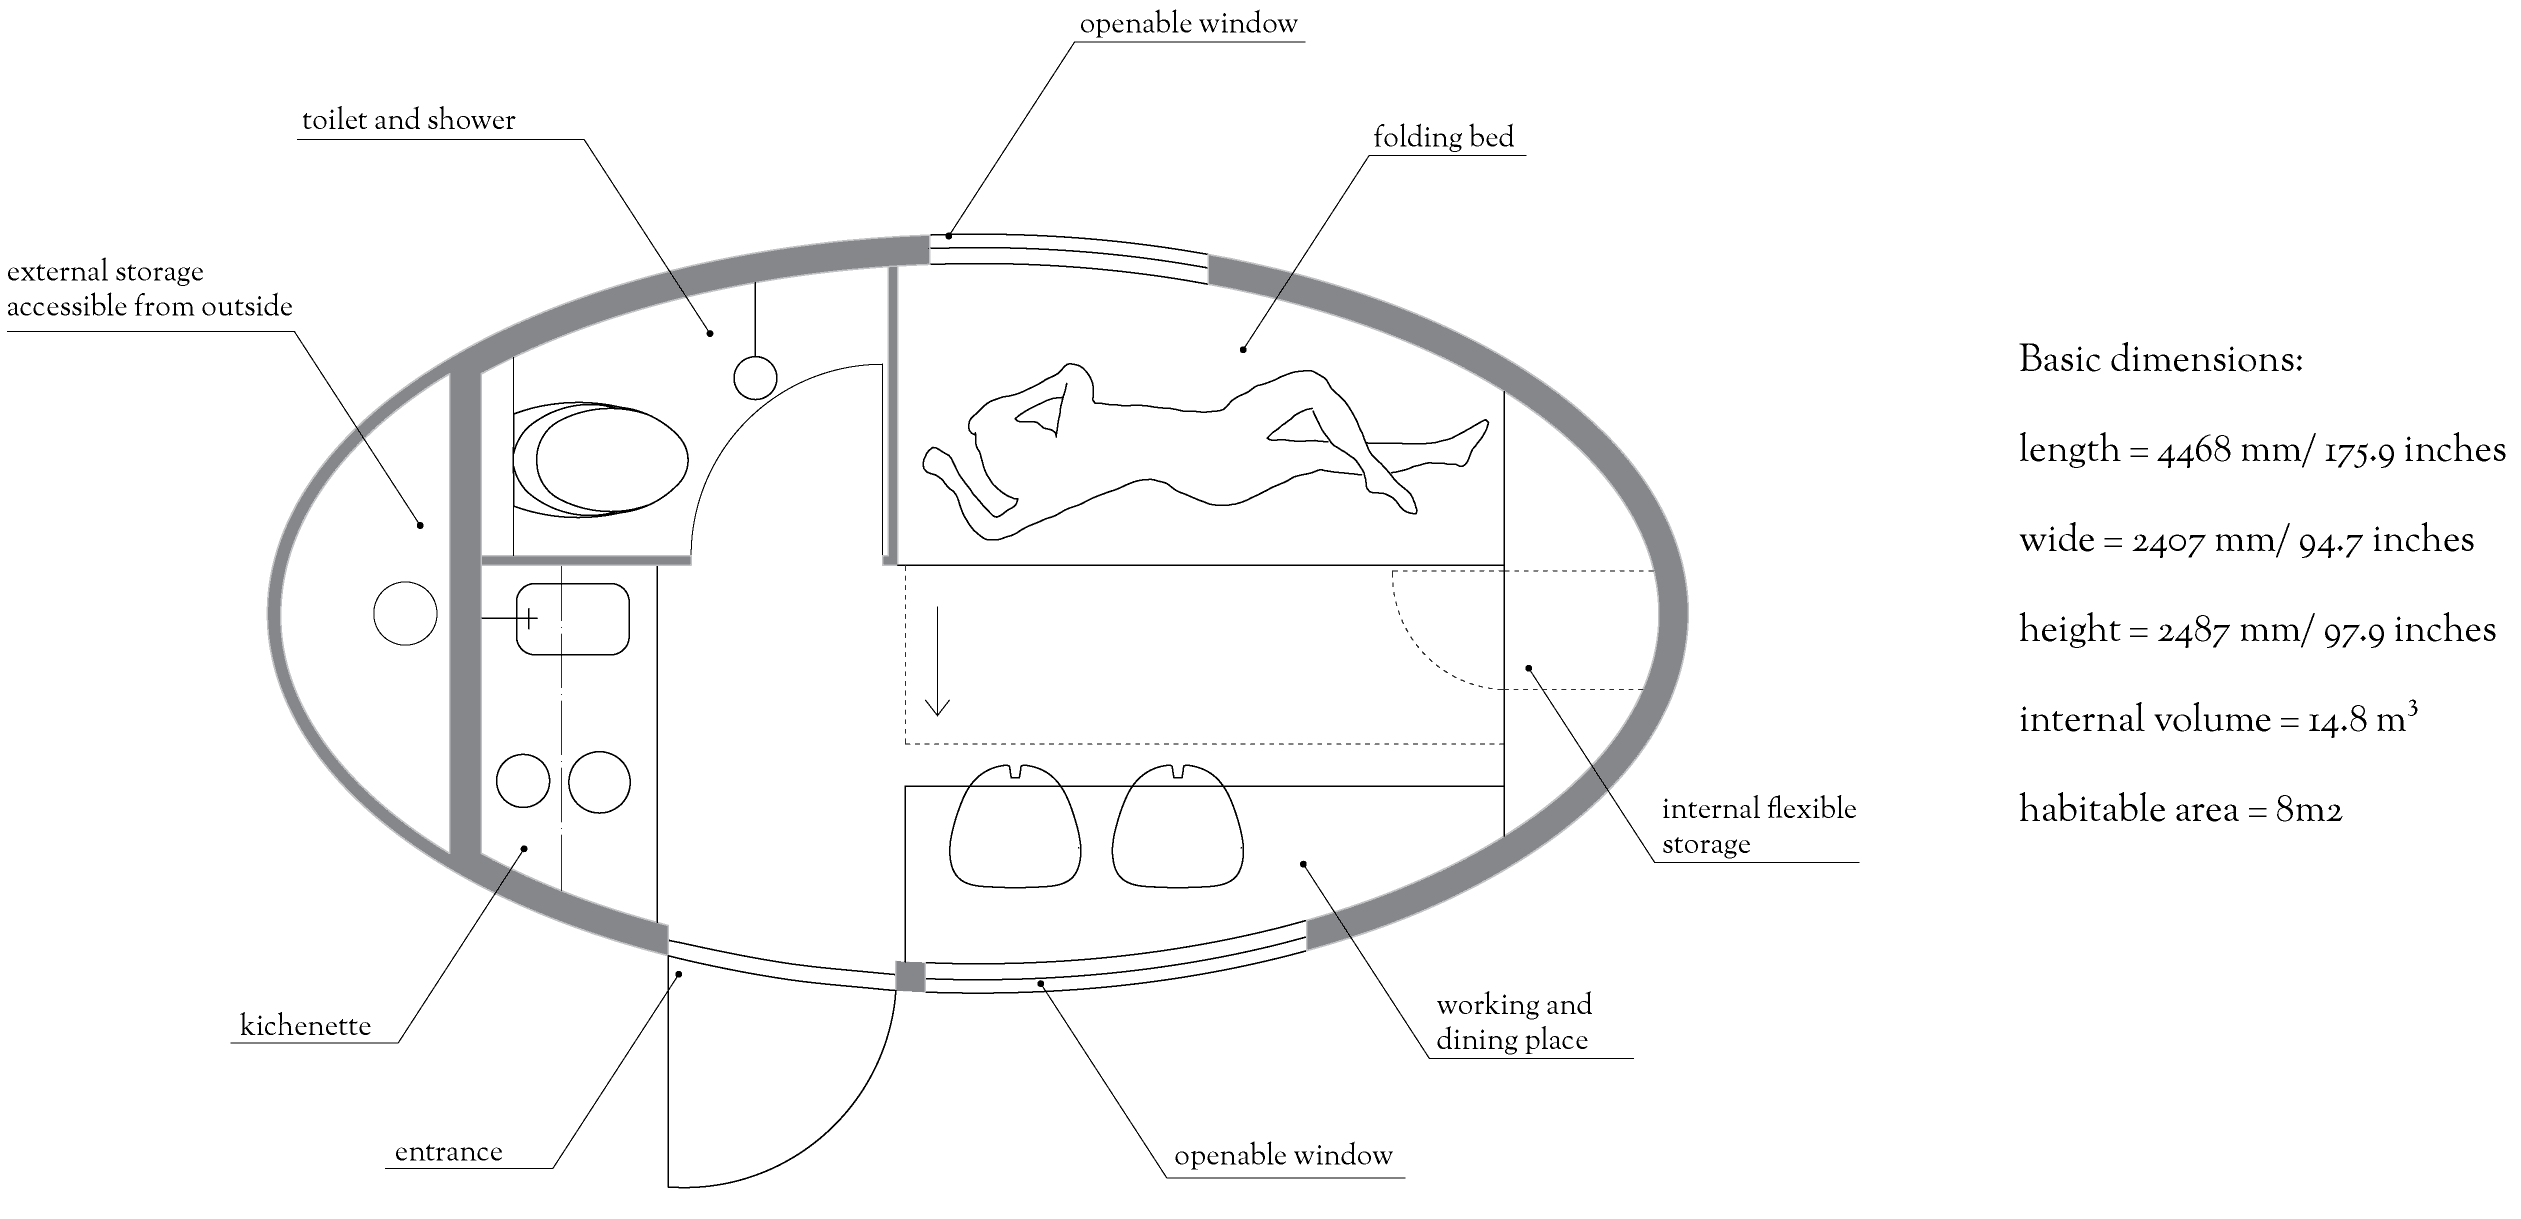 grundriß eines kleinen wohnmobil - fresHouse